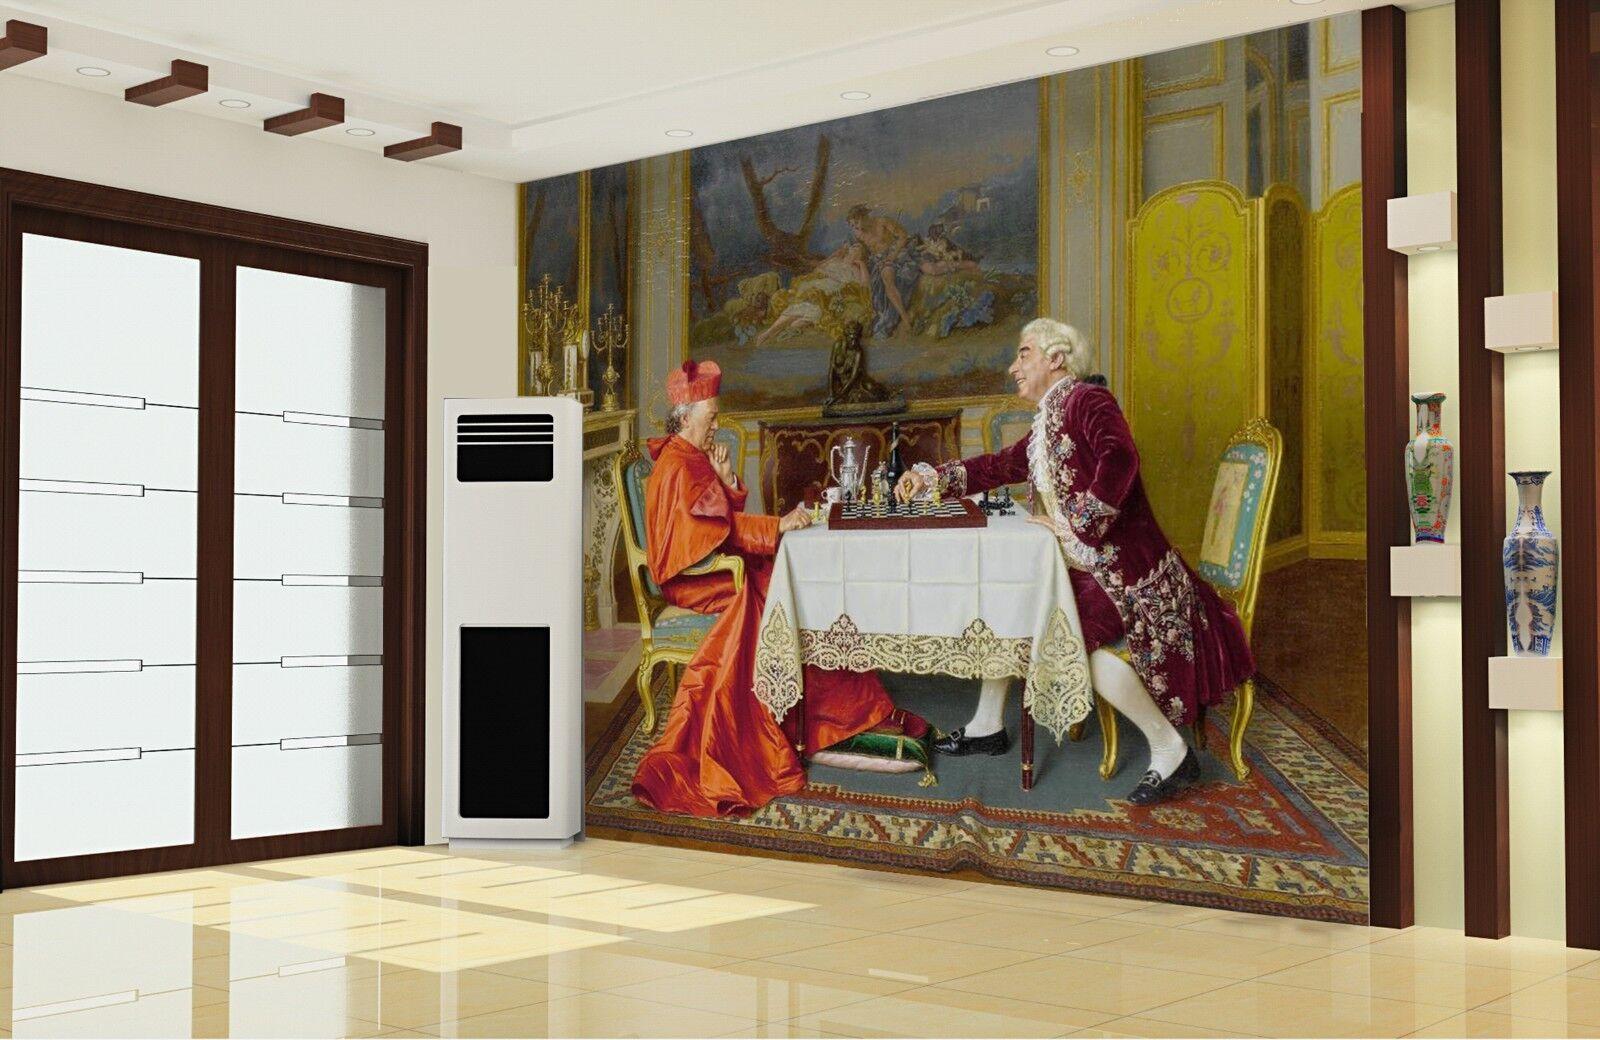 3D Familie Ölgemälde 8933 Tapete Wandgemälde Tapeten Bild Familie DE Lemon